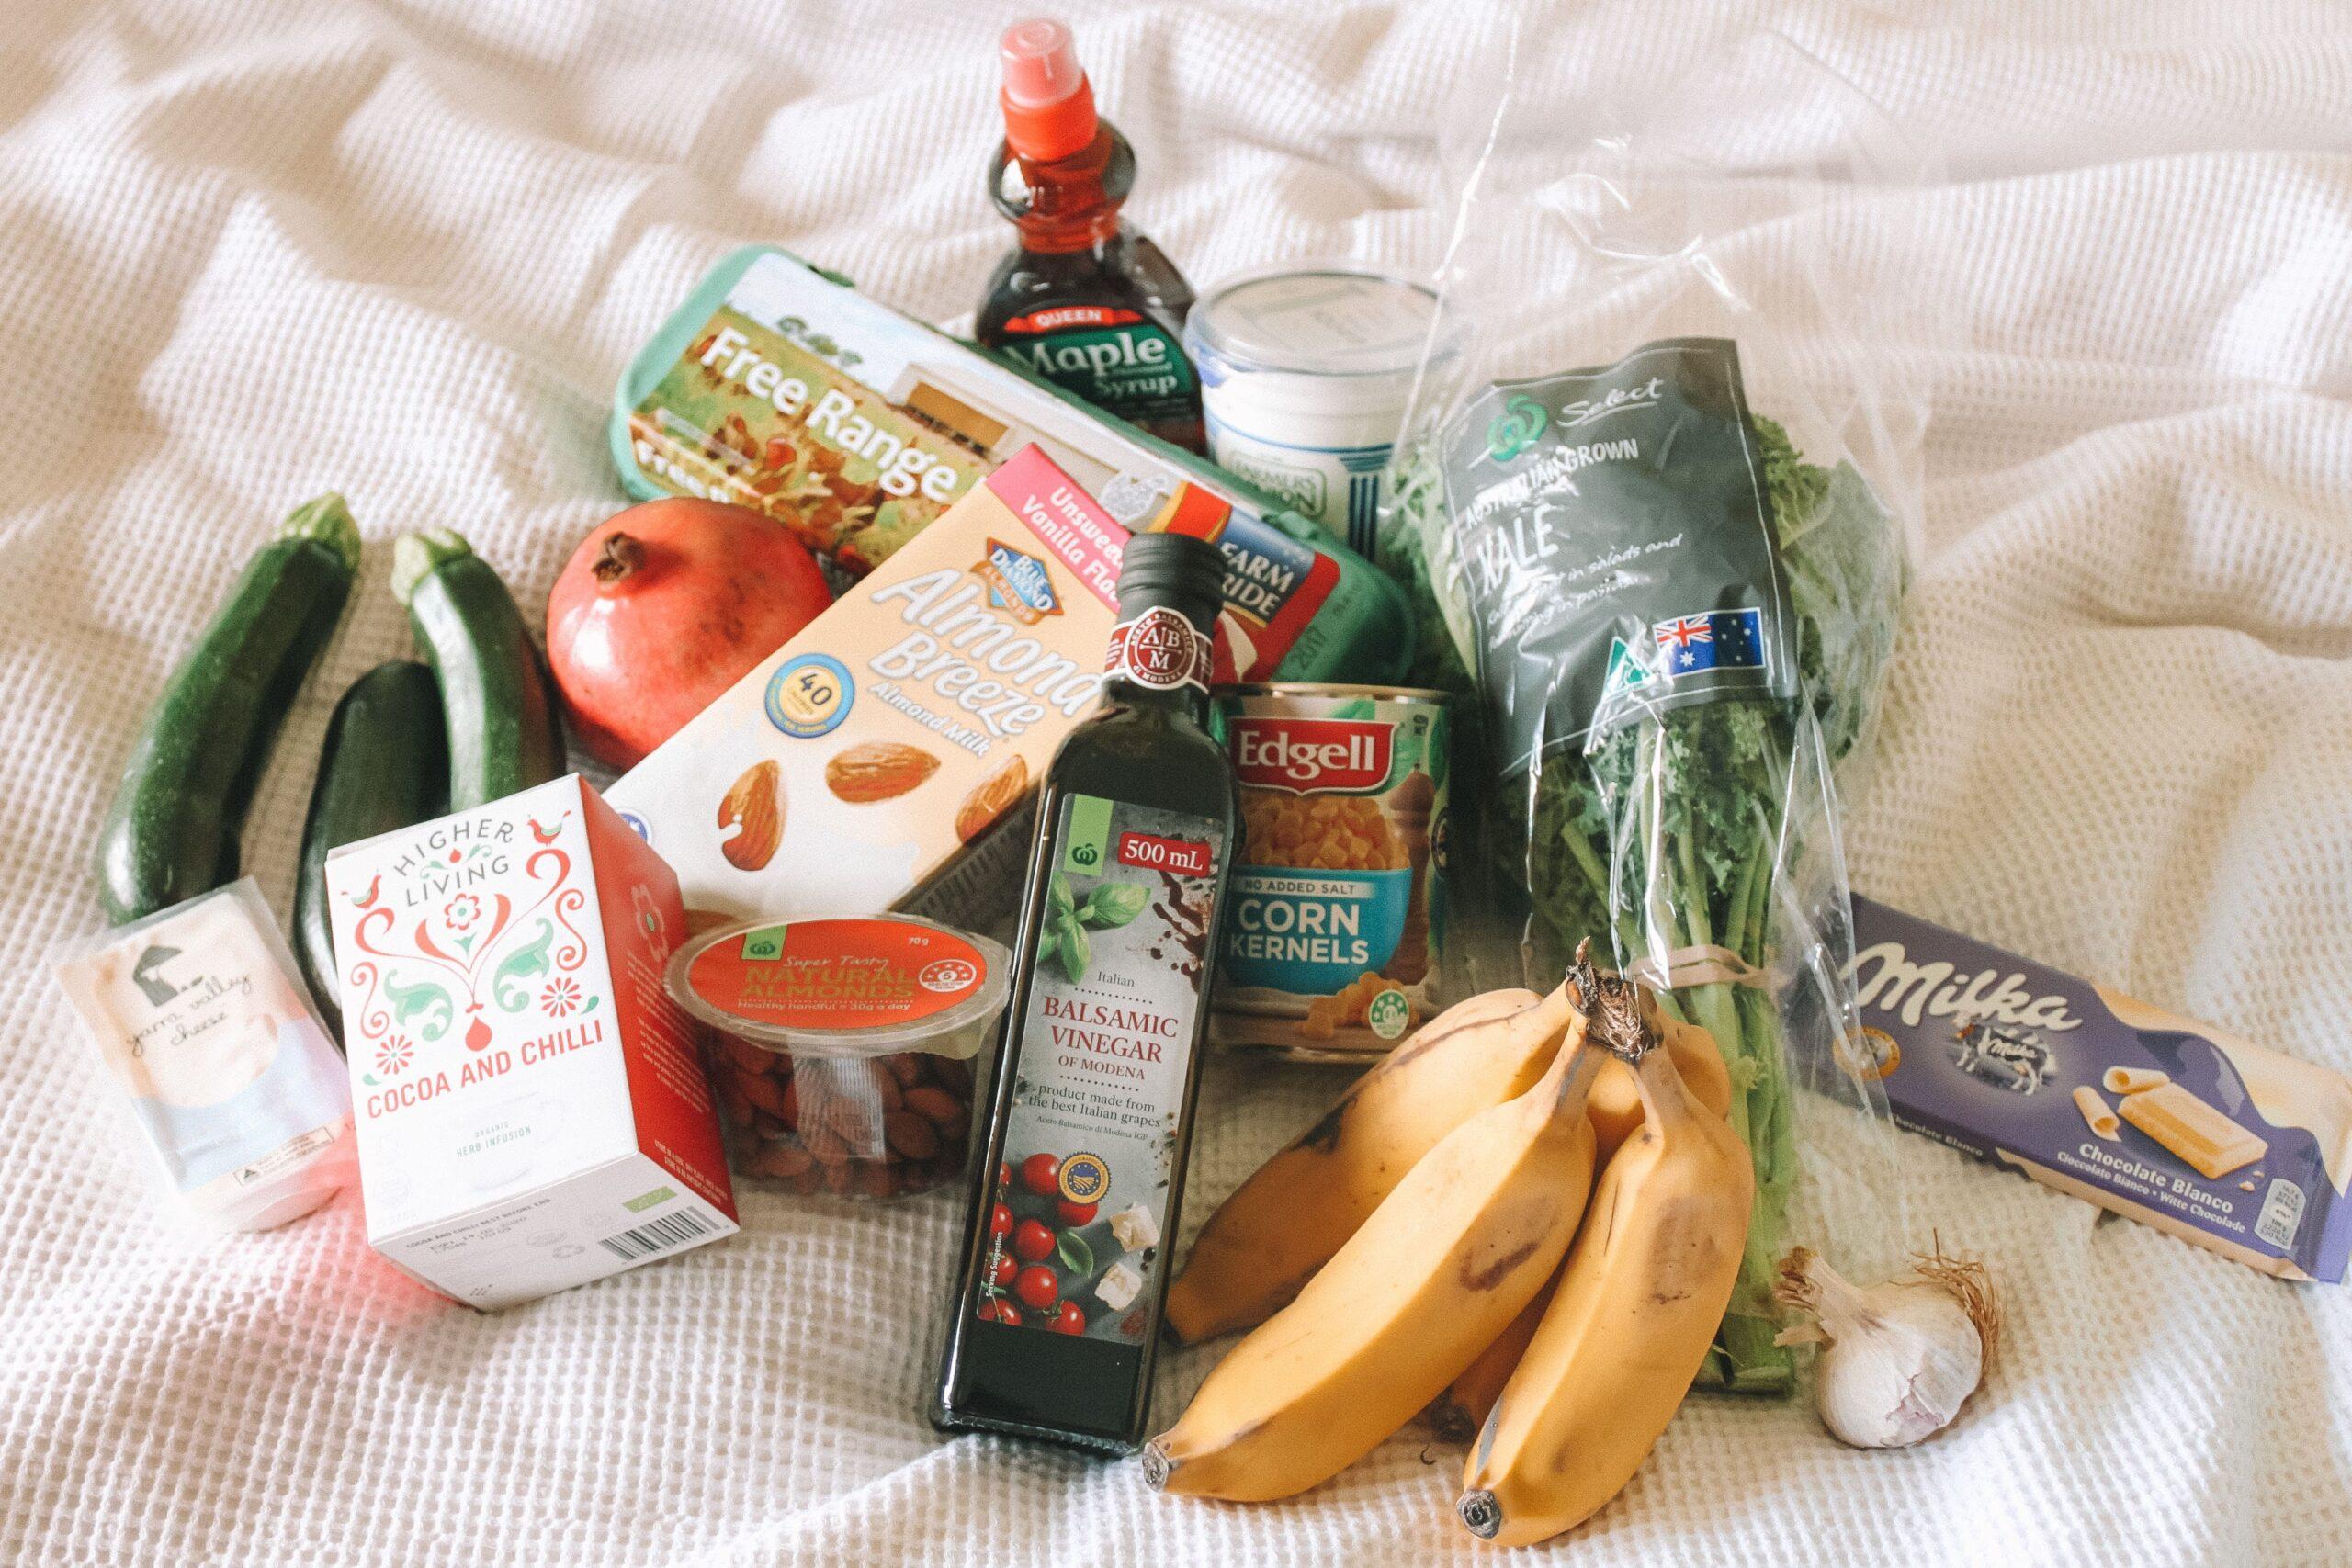 food sharing, organic food, sustainability, zero waste, Nina Franck, Nobantu Modise